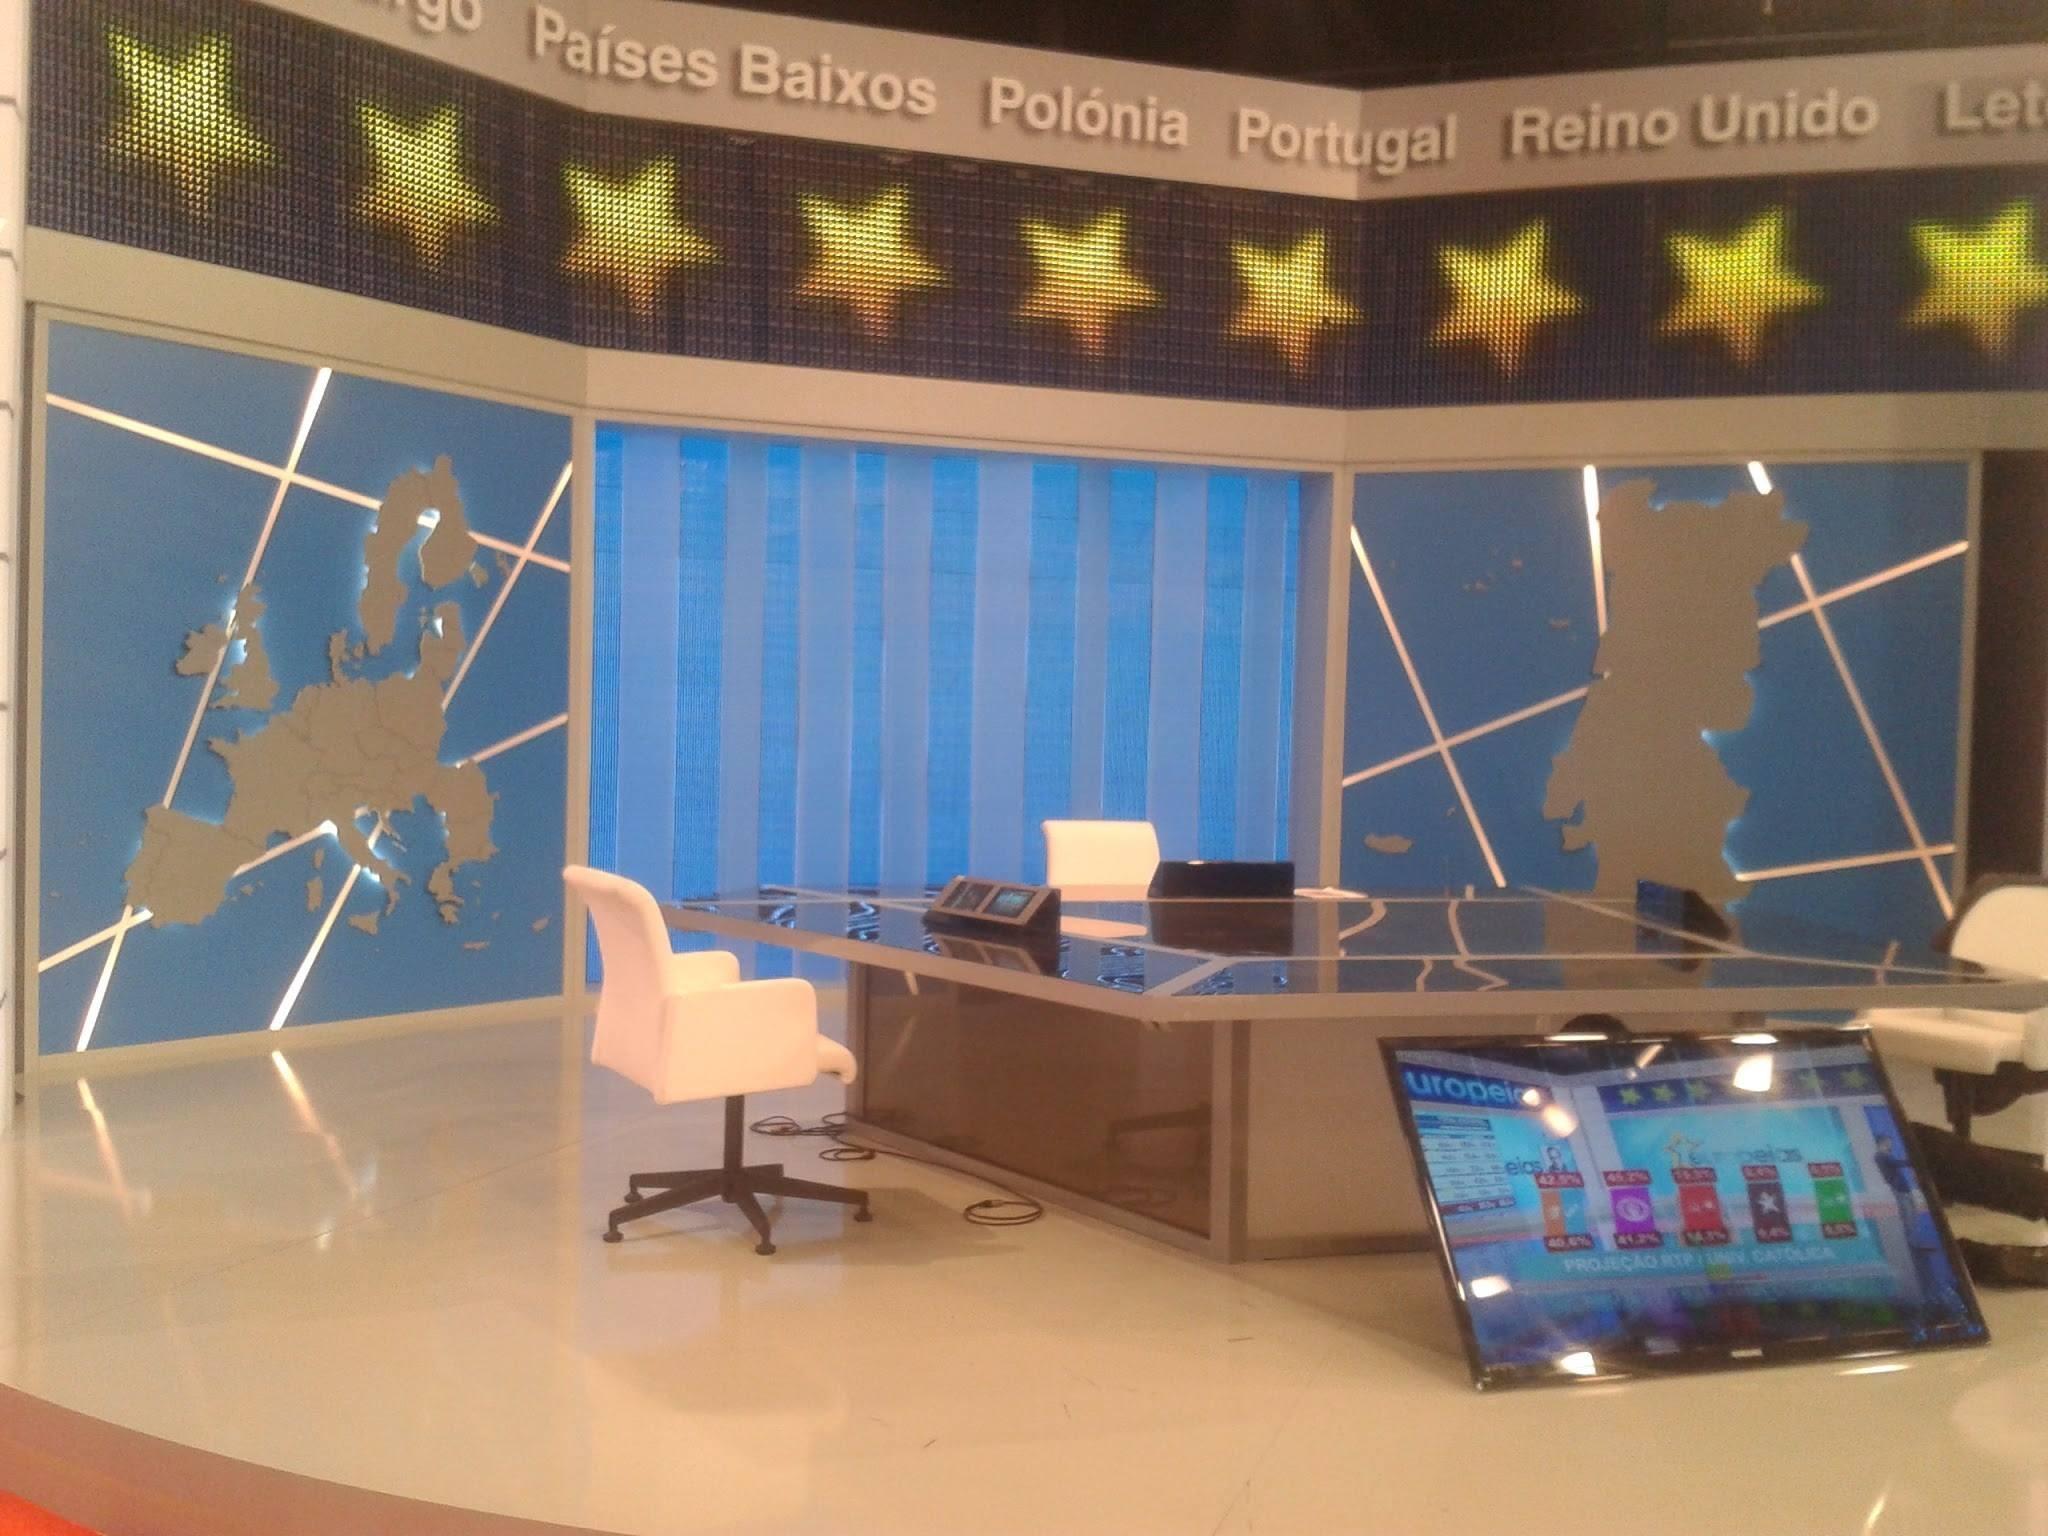 Cenário 3 Eleições Europeias RTP1